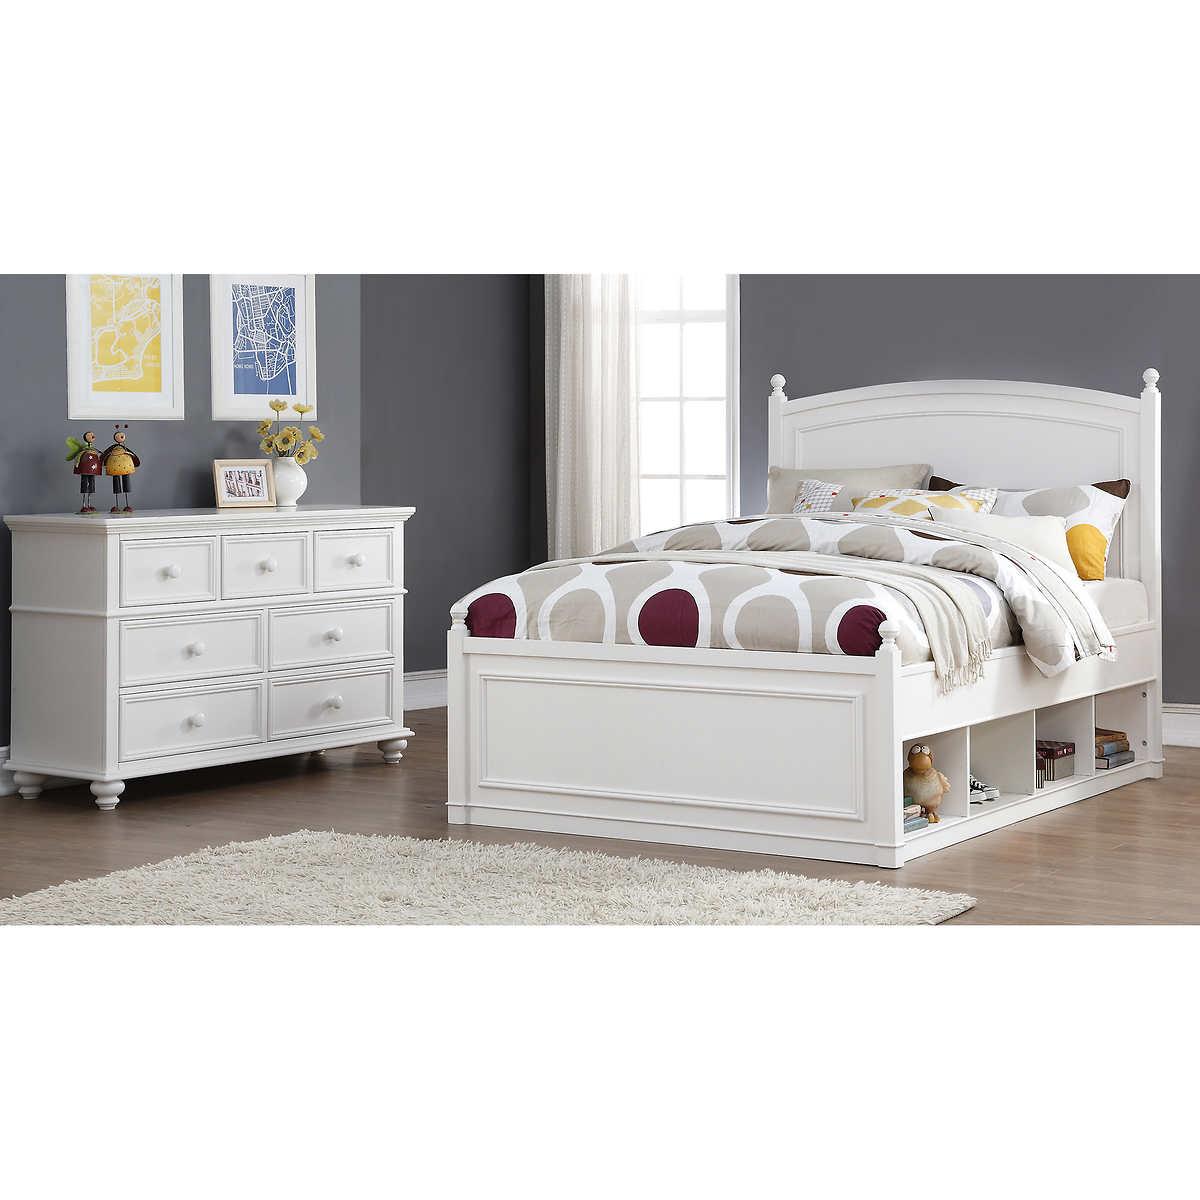 Bedroom sets edmonton ab home for Bedroom furniture edmonton